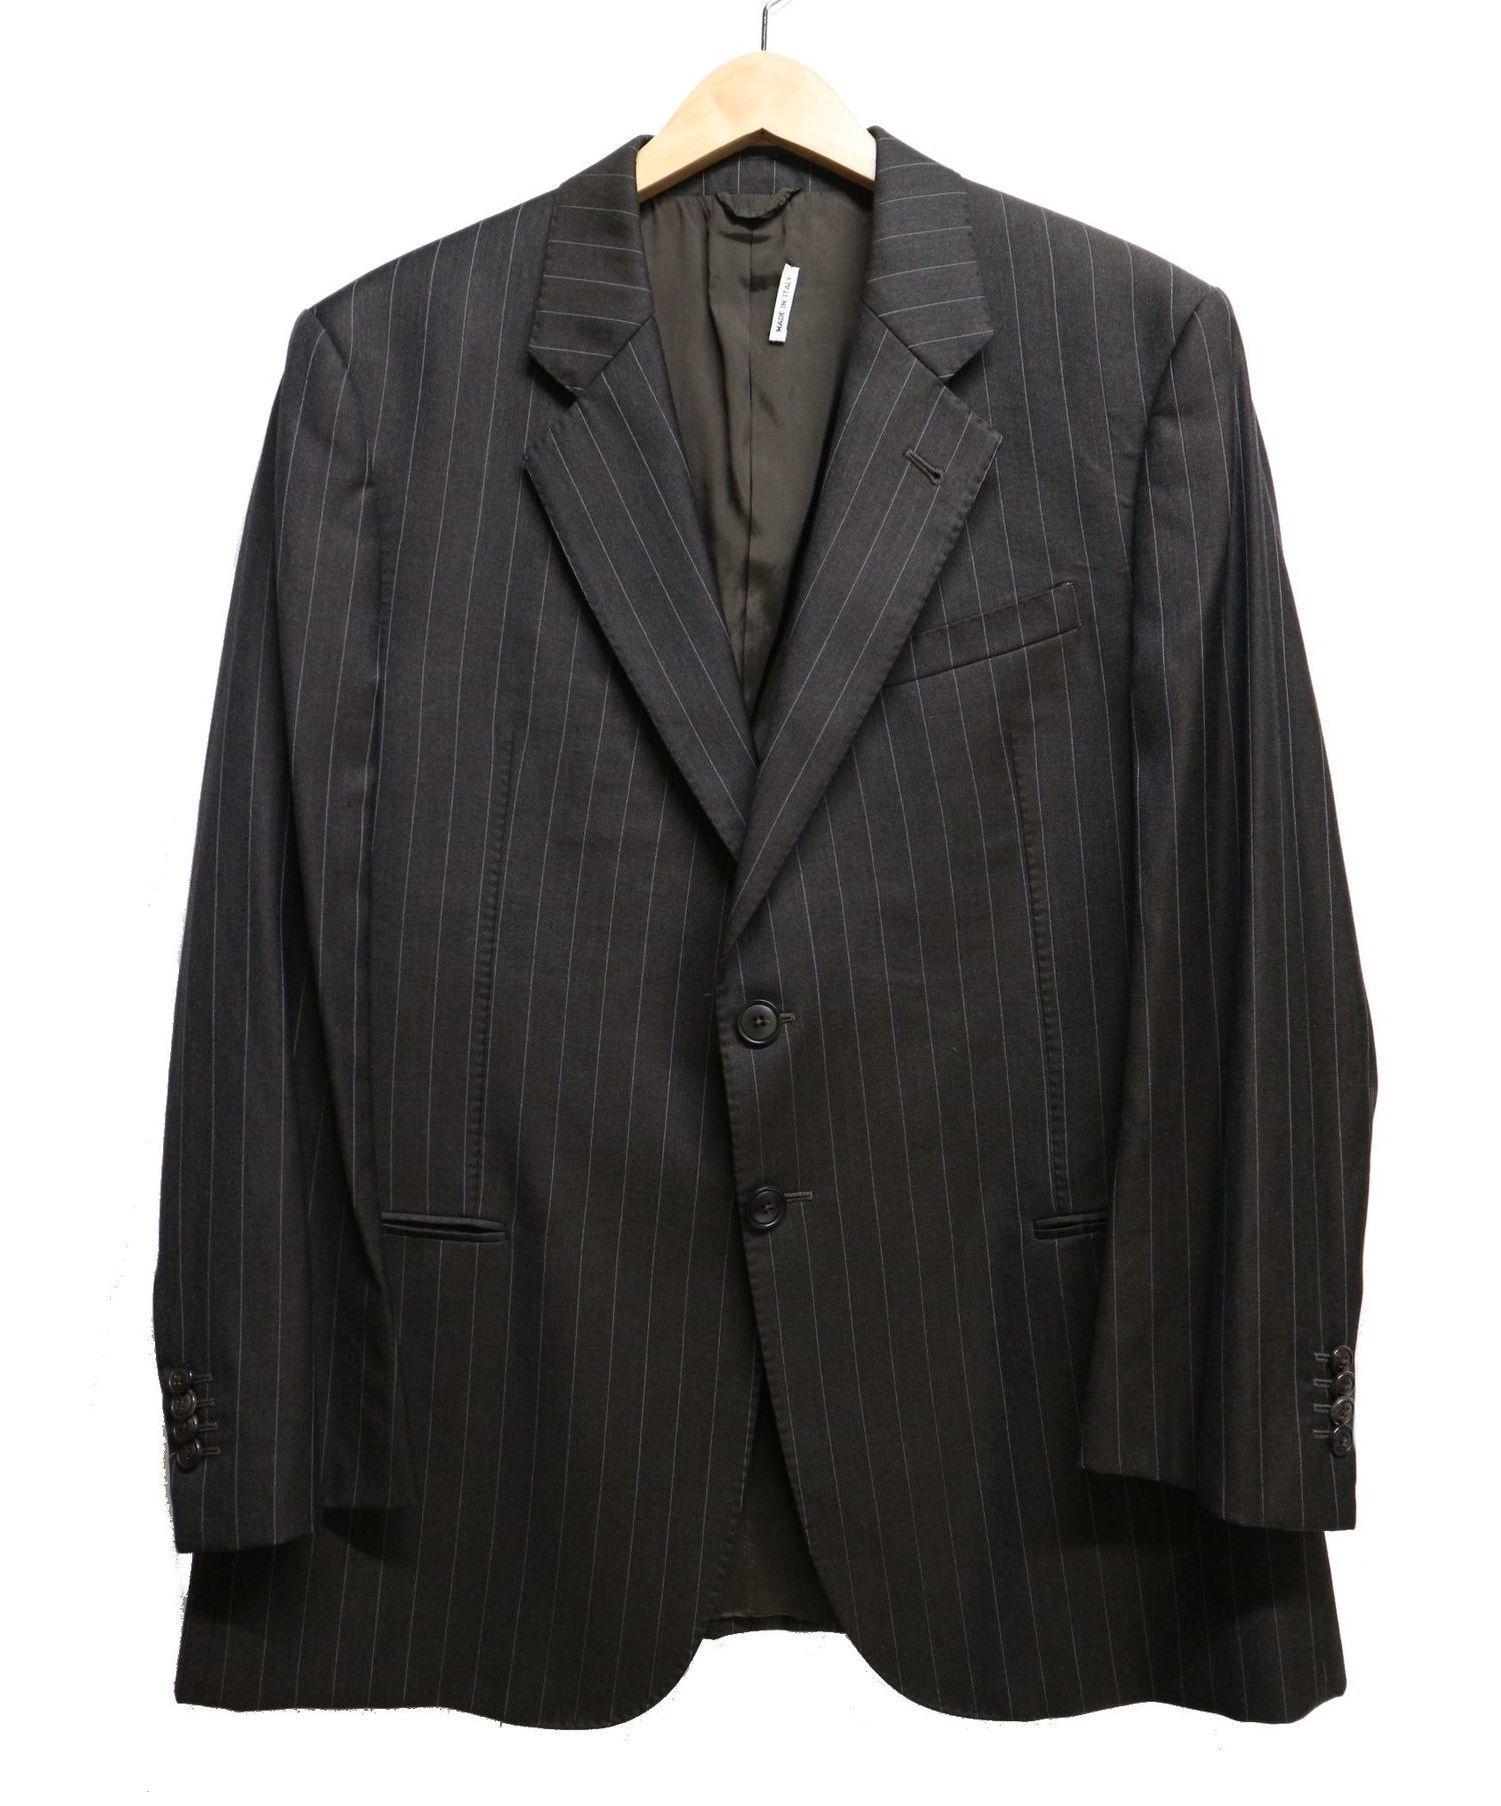 new product 6a5fd 7c182 [中古]GIORGIO ARMANI(ジョルジオアルマーニ)のメンズ スーツ・セットアップ 3Pセットアップスーツ